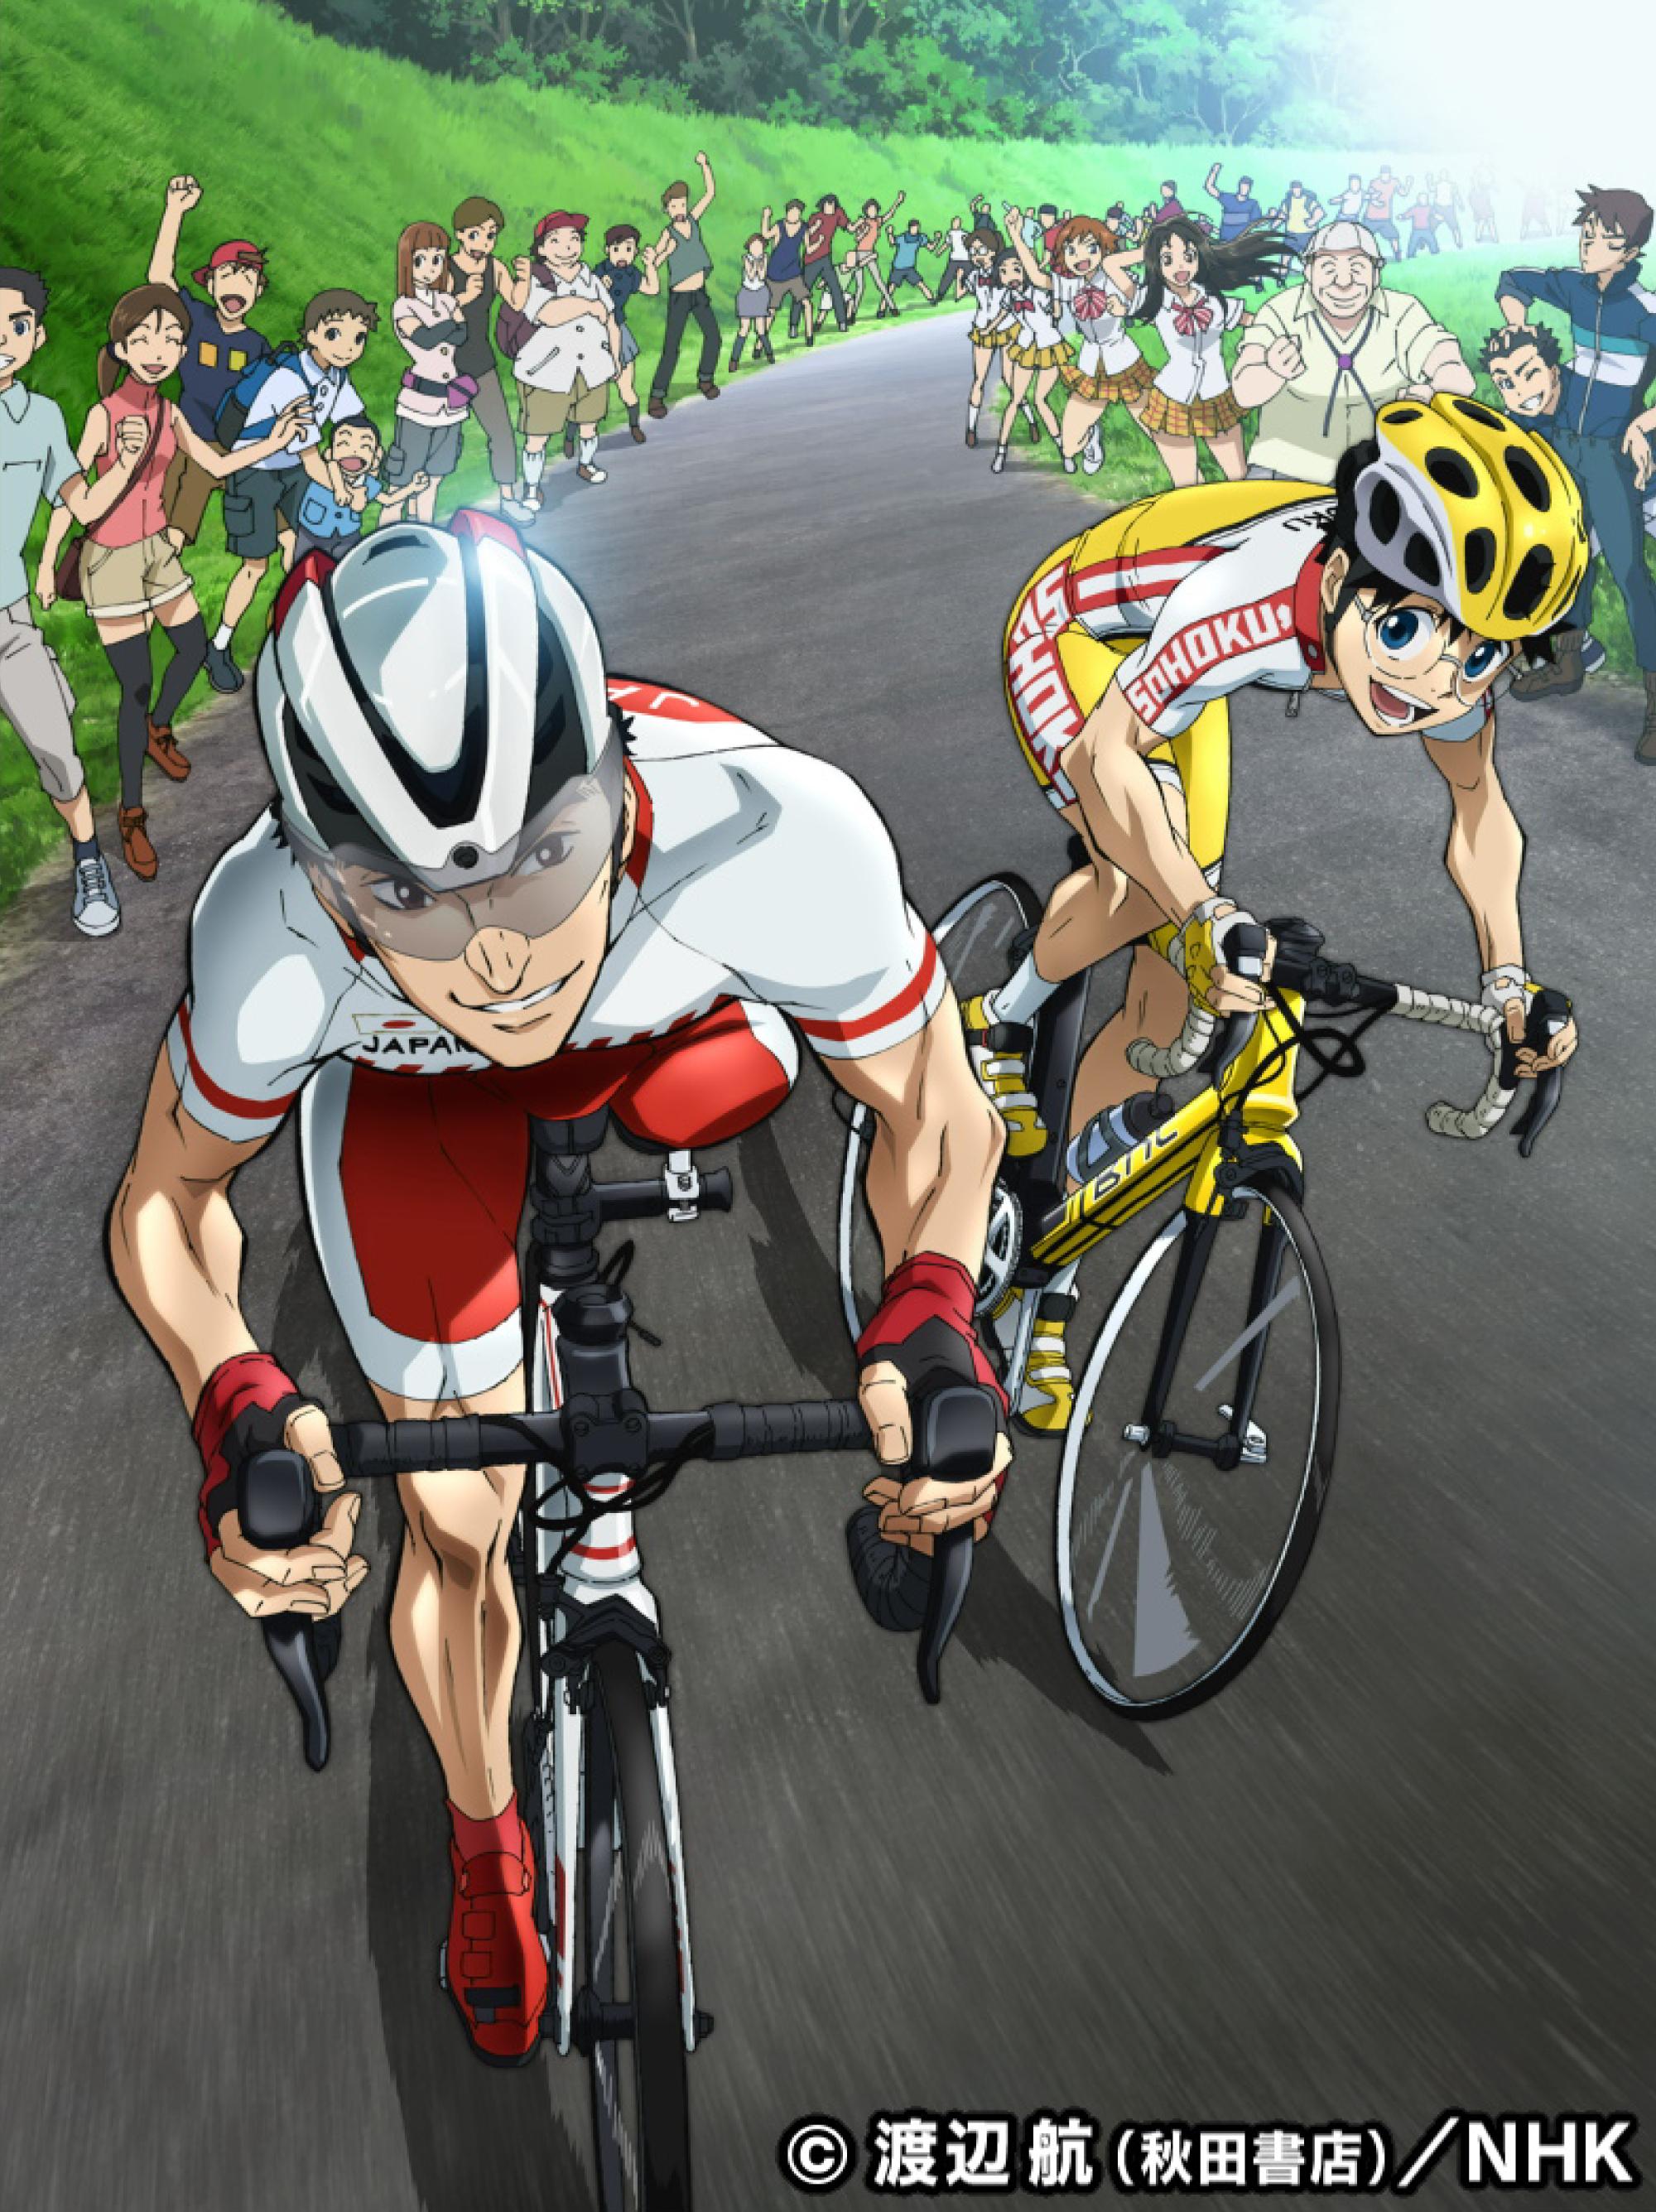 新曲『Cycle』がNHK「アニ×パラ~あなたのヒーローは誰ですか~」テーマソングに決定!